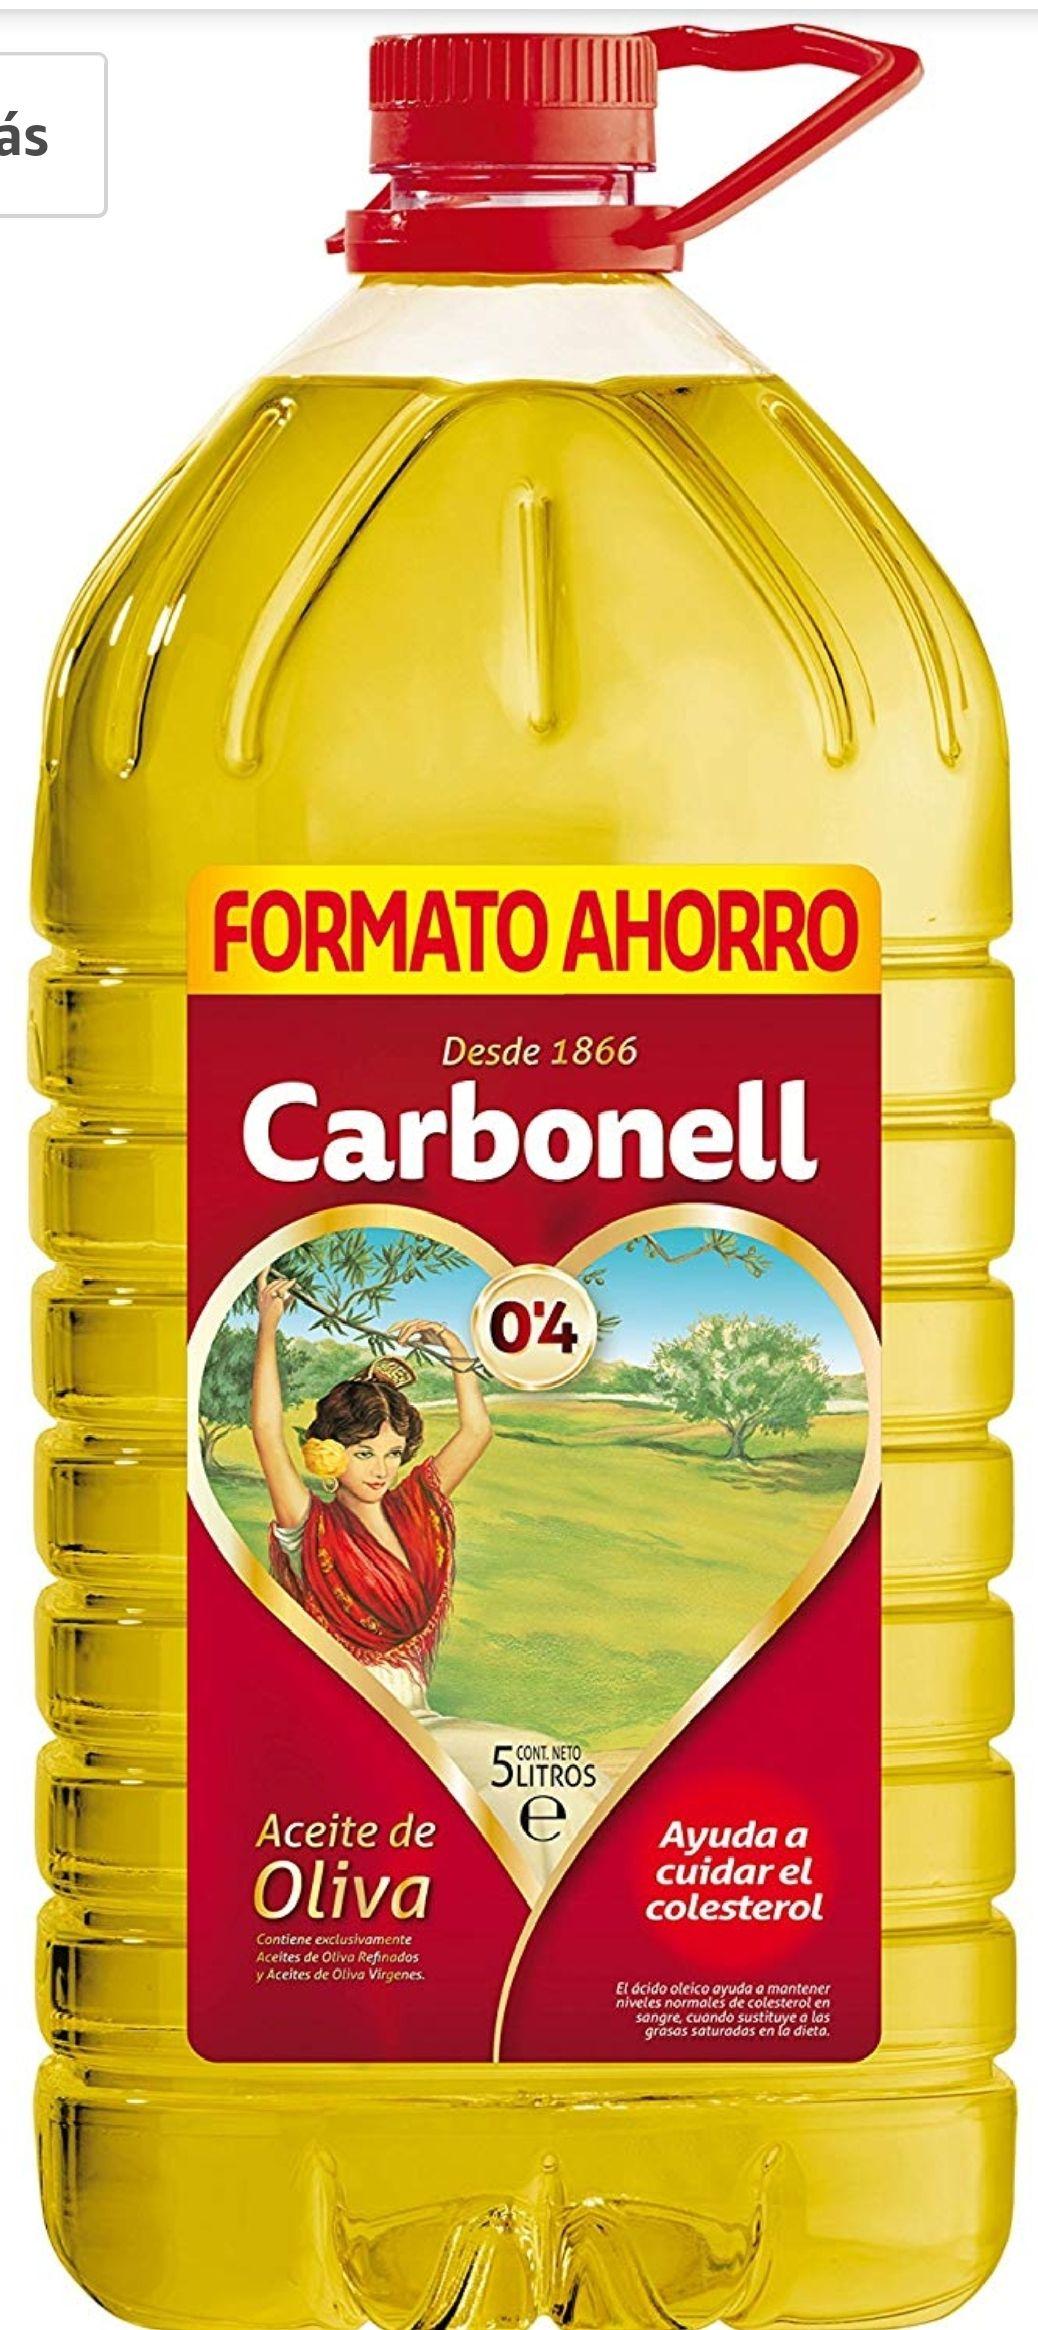 Carbonell, Aceite de oliva - 5 l.